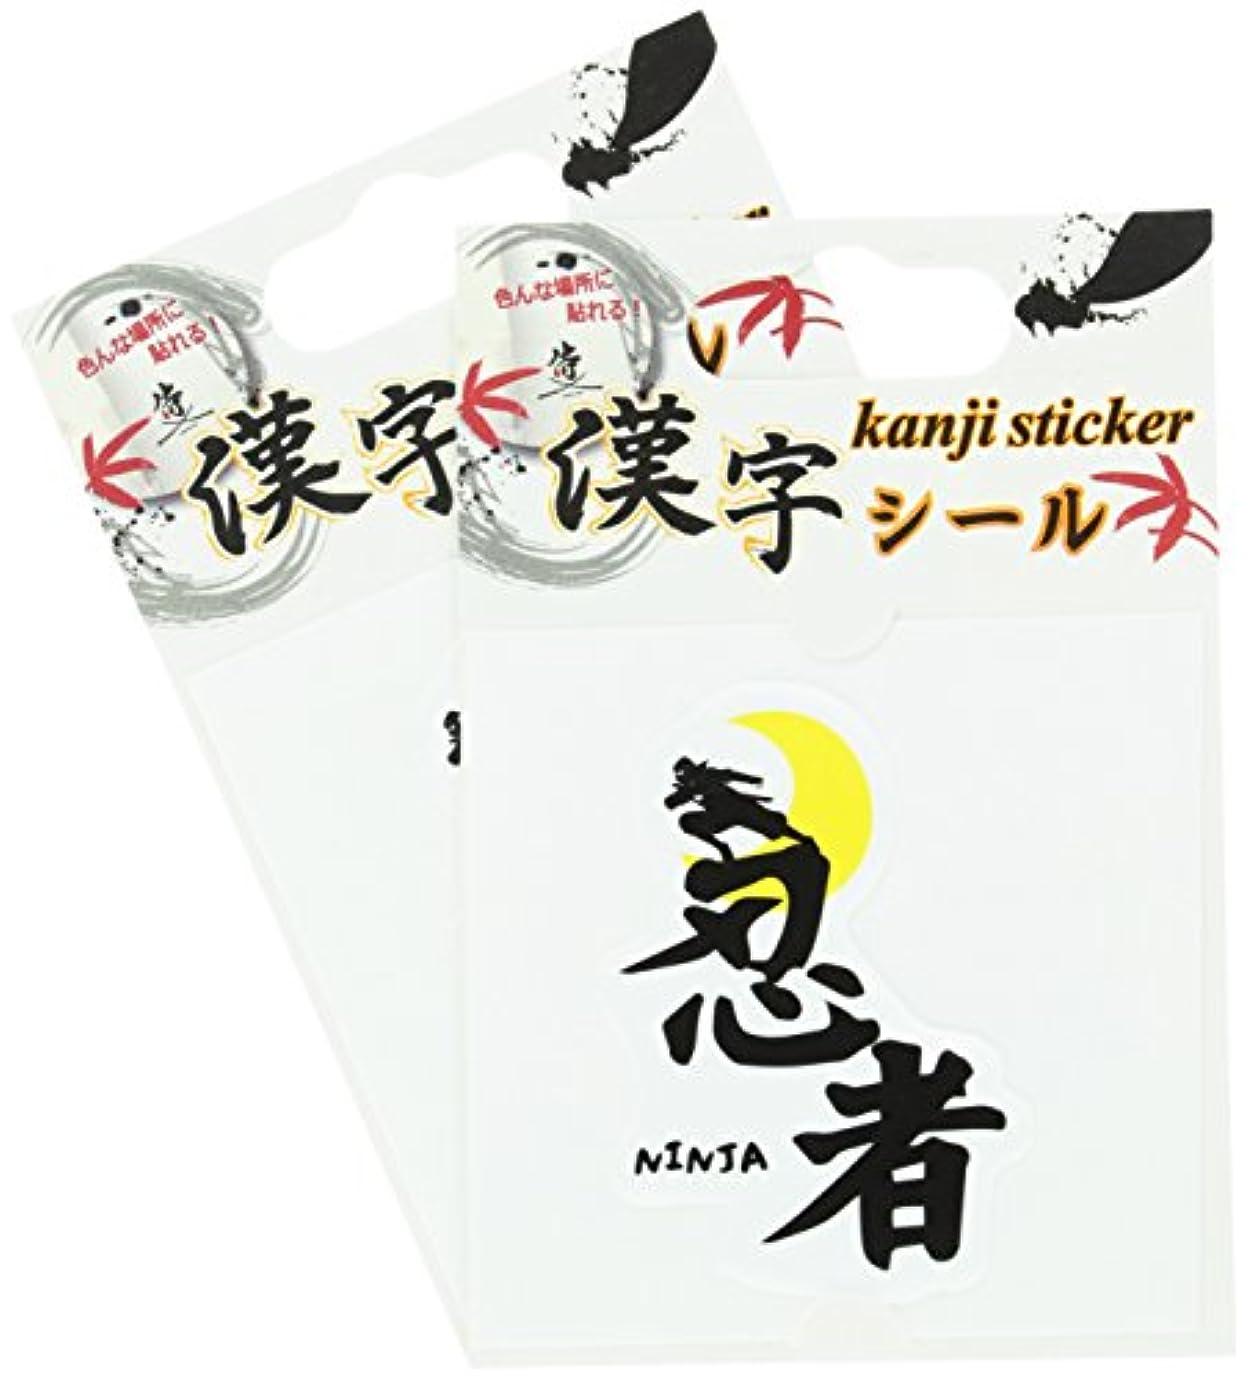 スリーブ輝く遺伝的漢字シール 忍者 2枚セット